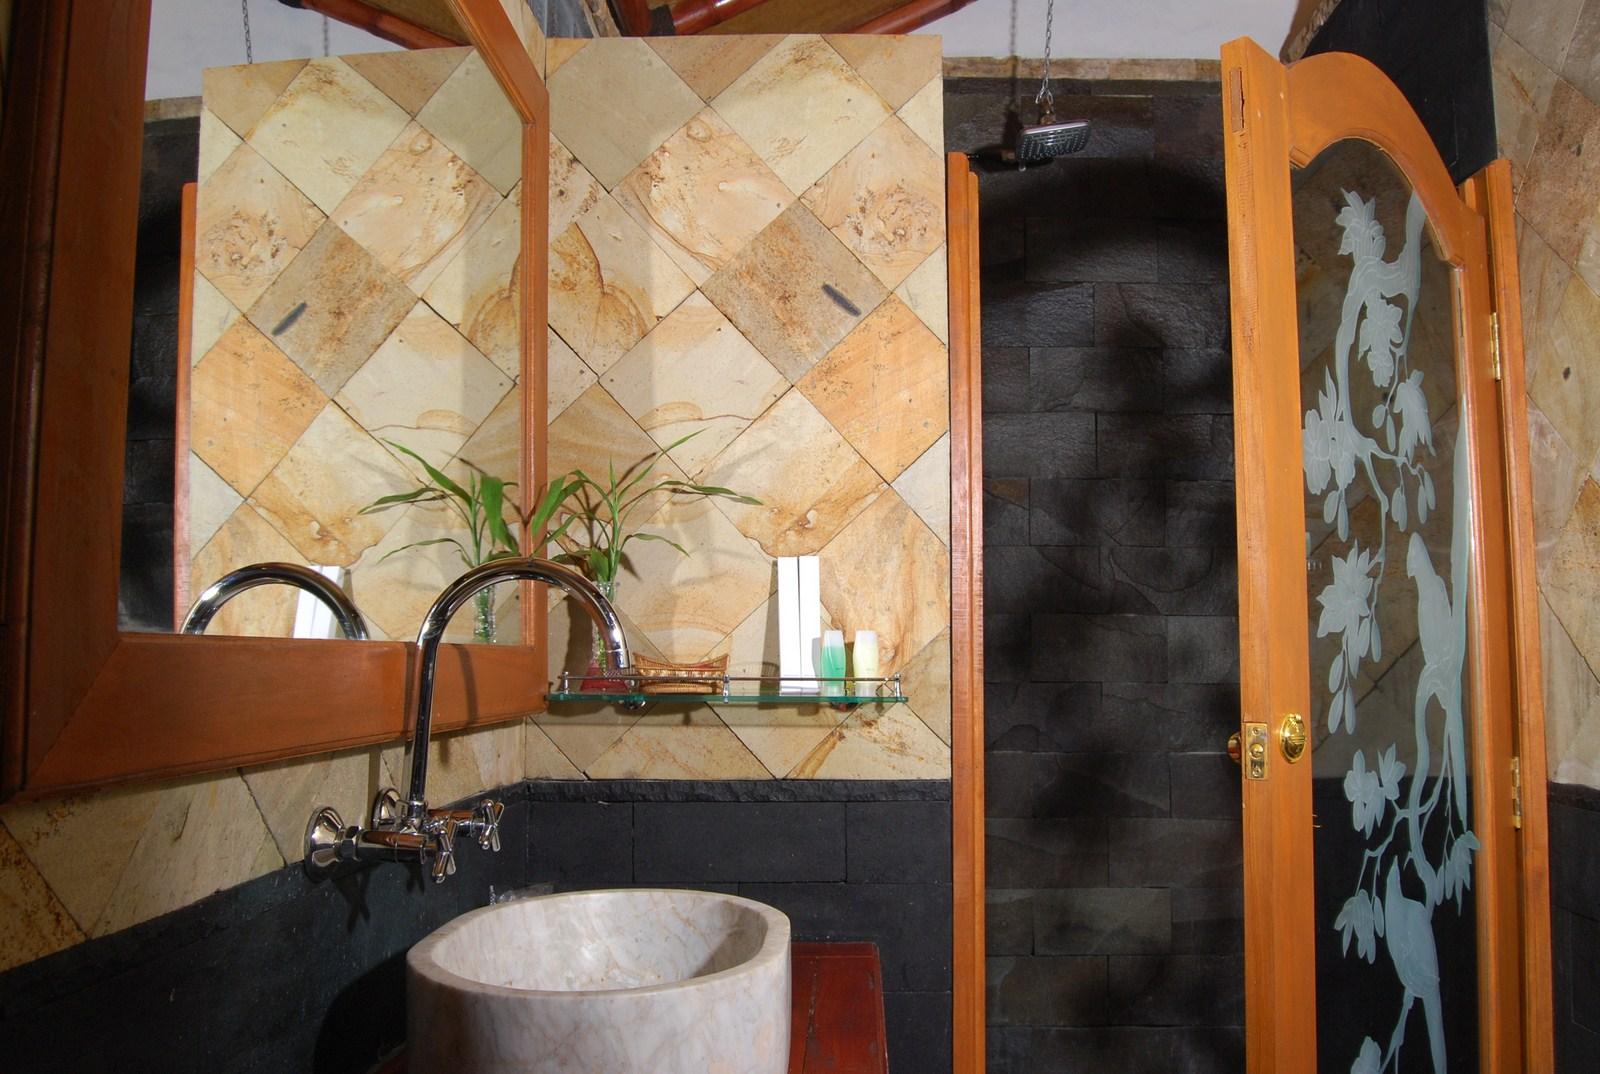 Salle de bains for Salle de bains in english